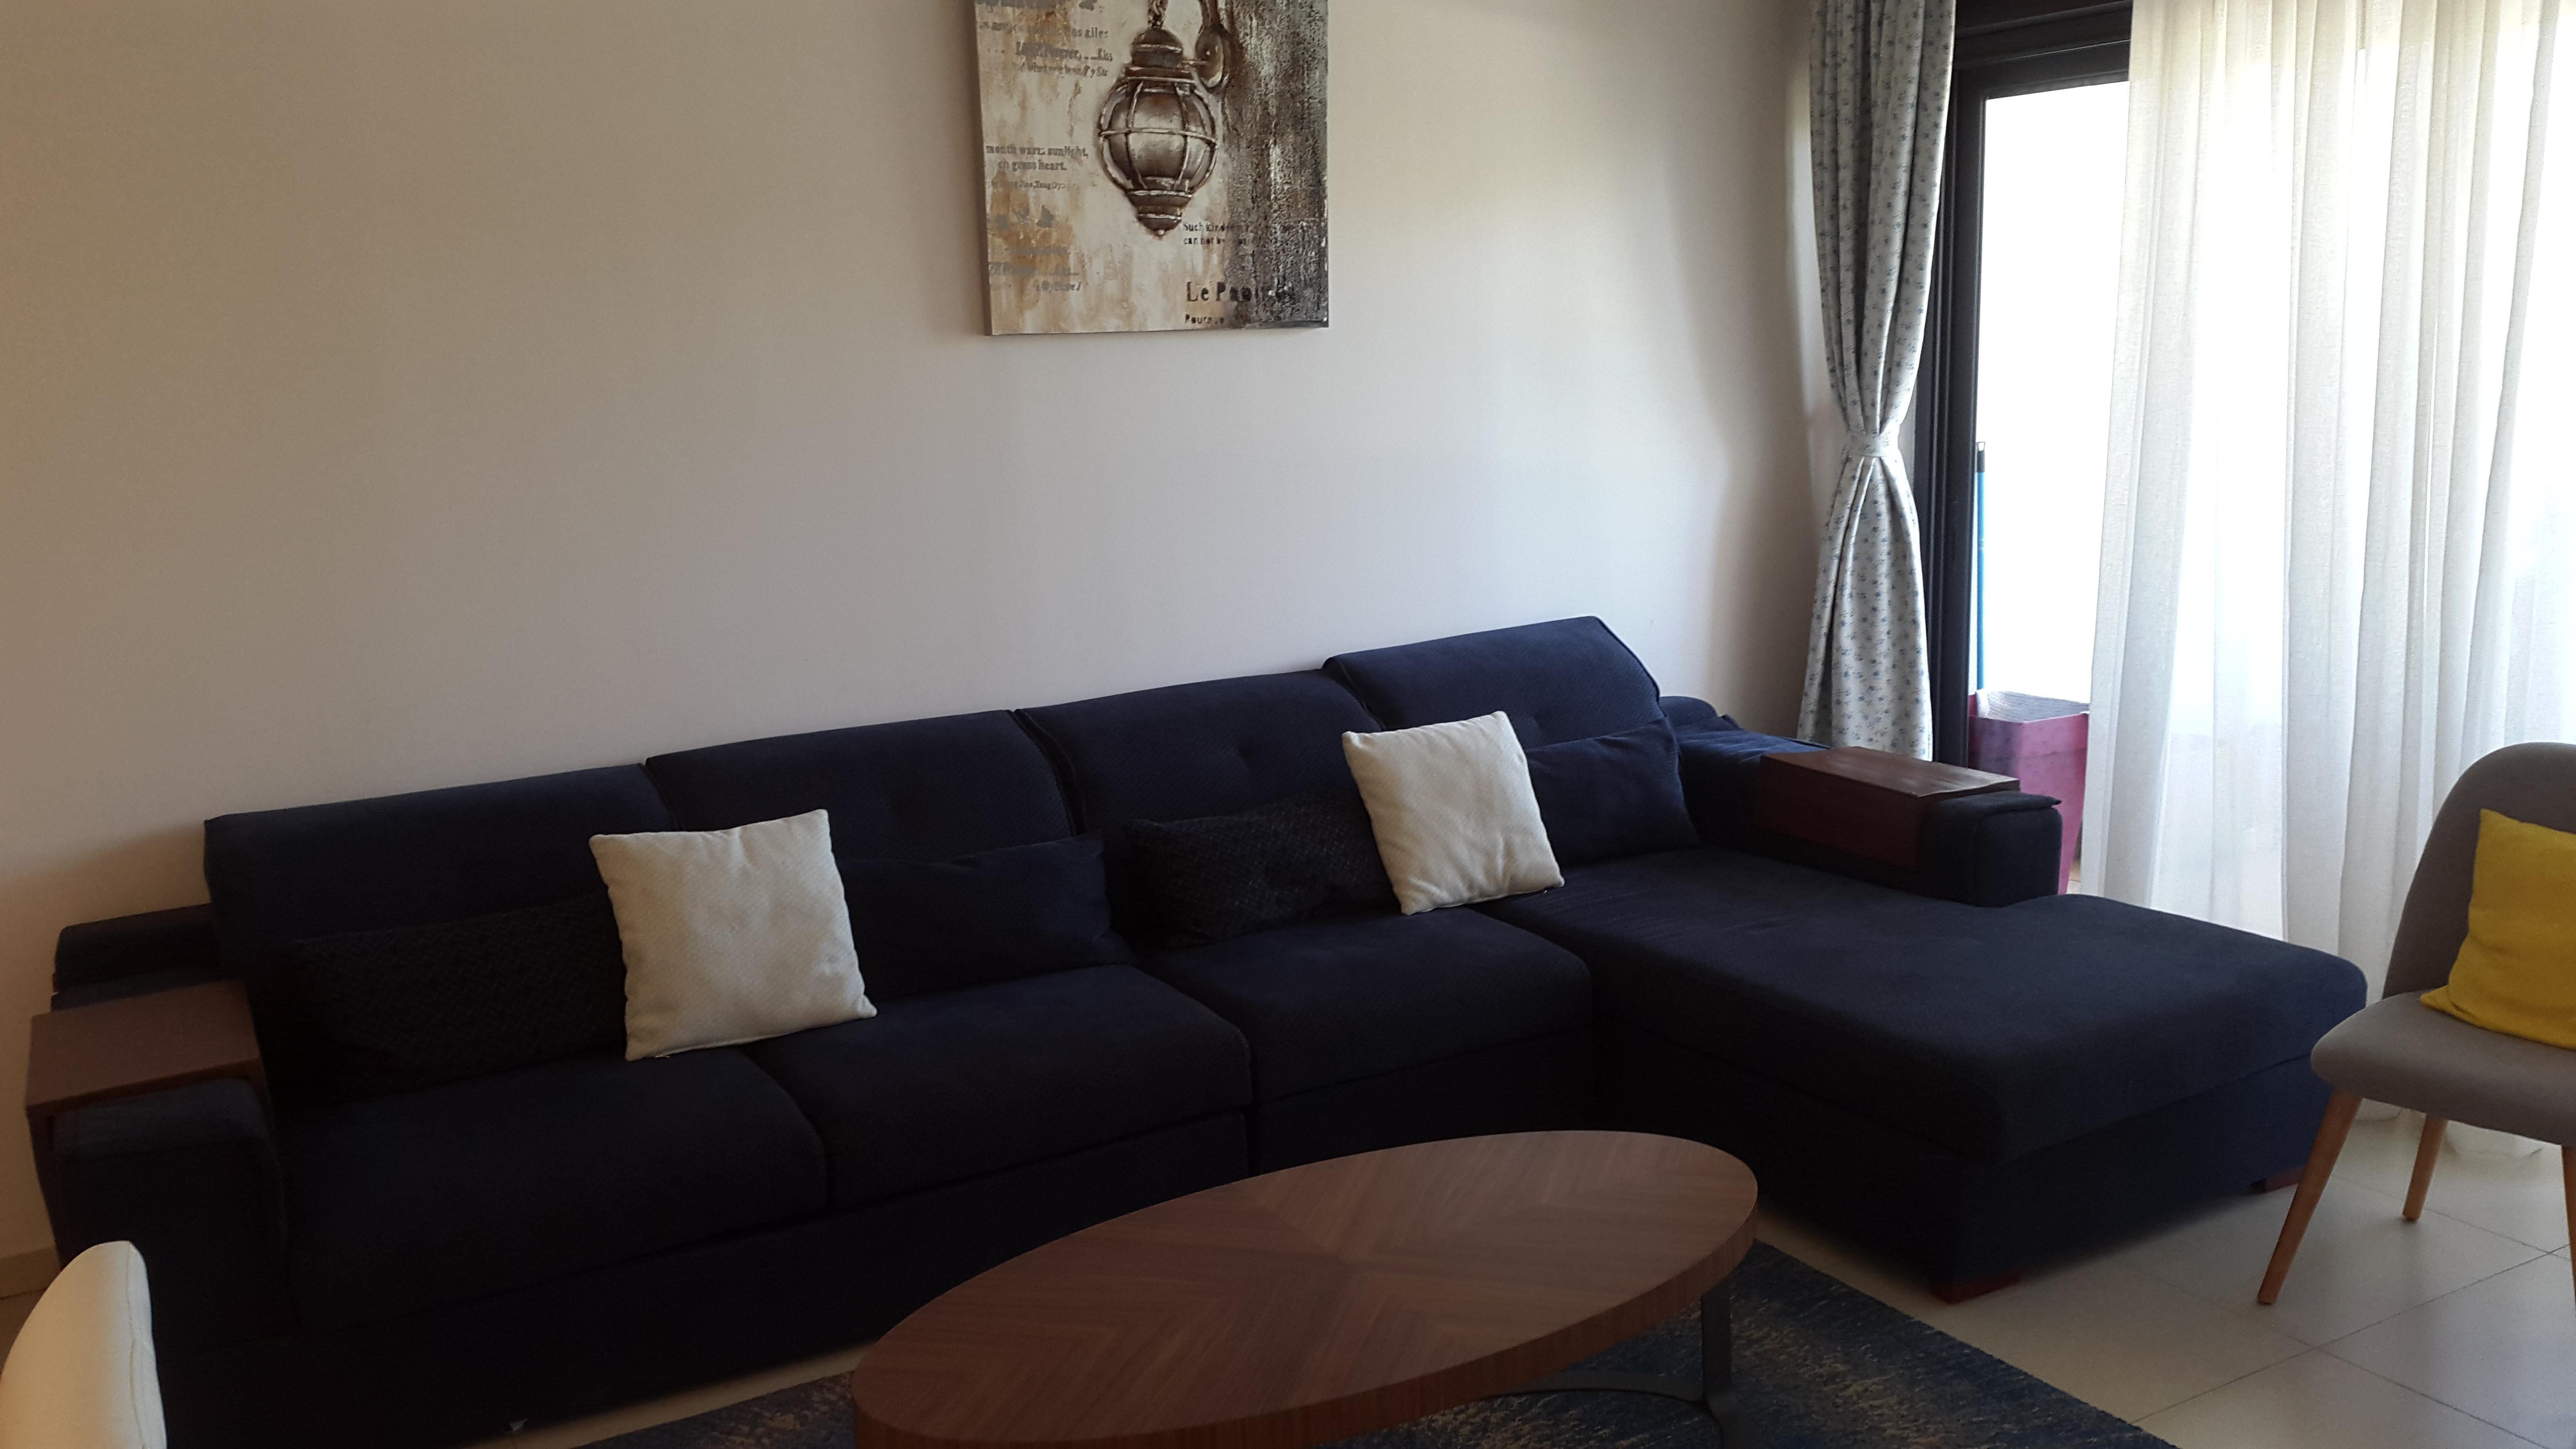 Appartement T3, 95 m2, Ivandry, LA 3649